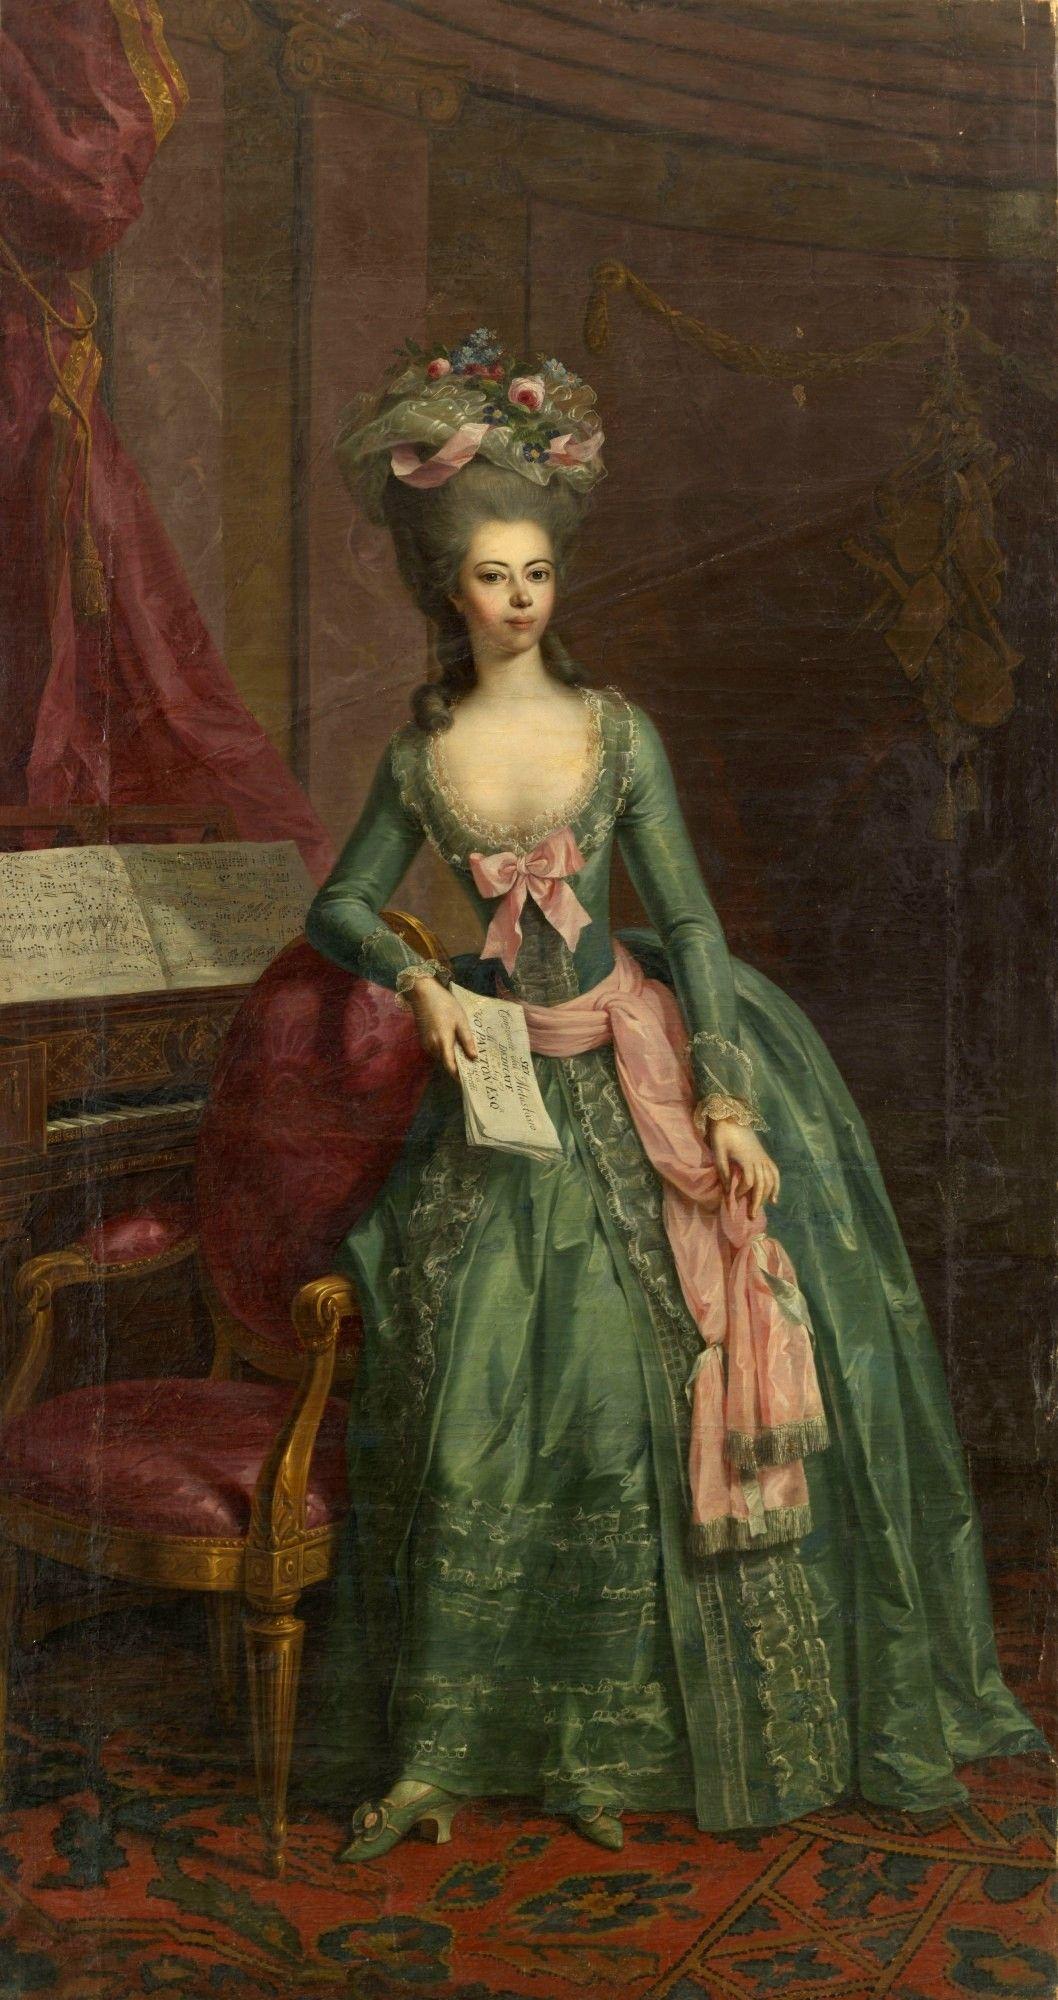 Portrait of Juliane Fürstin zu Schaumburg-Lippe c.1781 (Johann Heinrich  Tischbein the Elder   The Athenaeum - LOVE this gown!